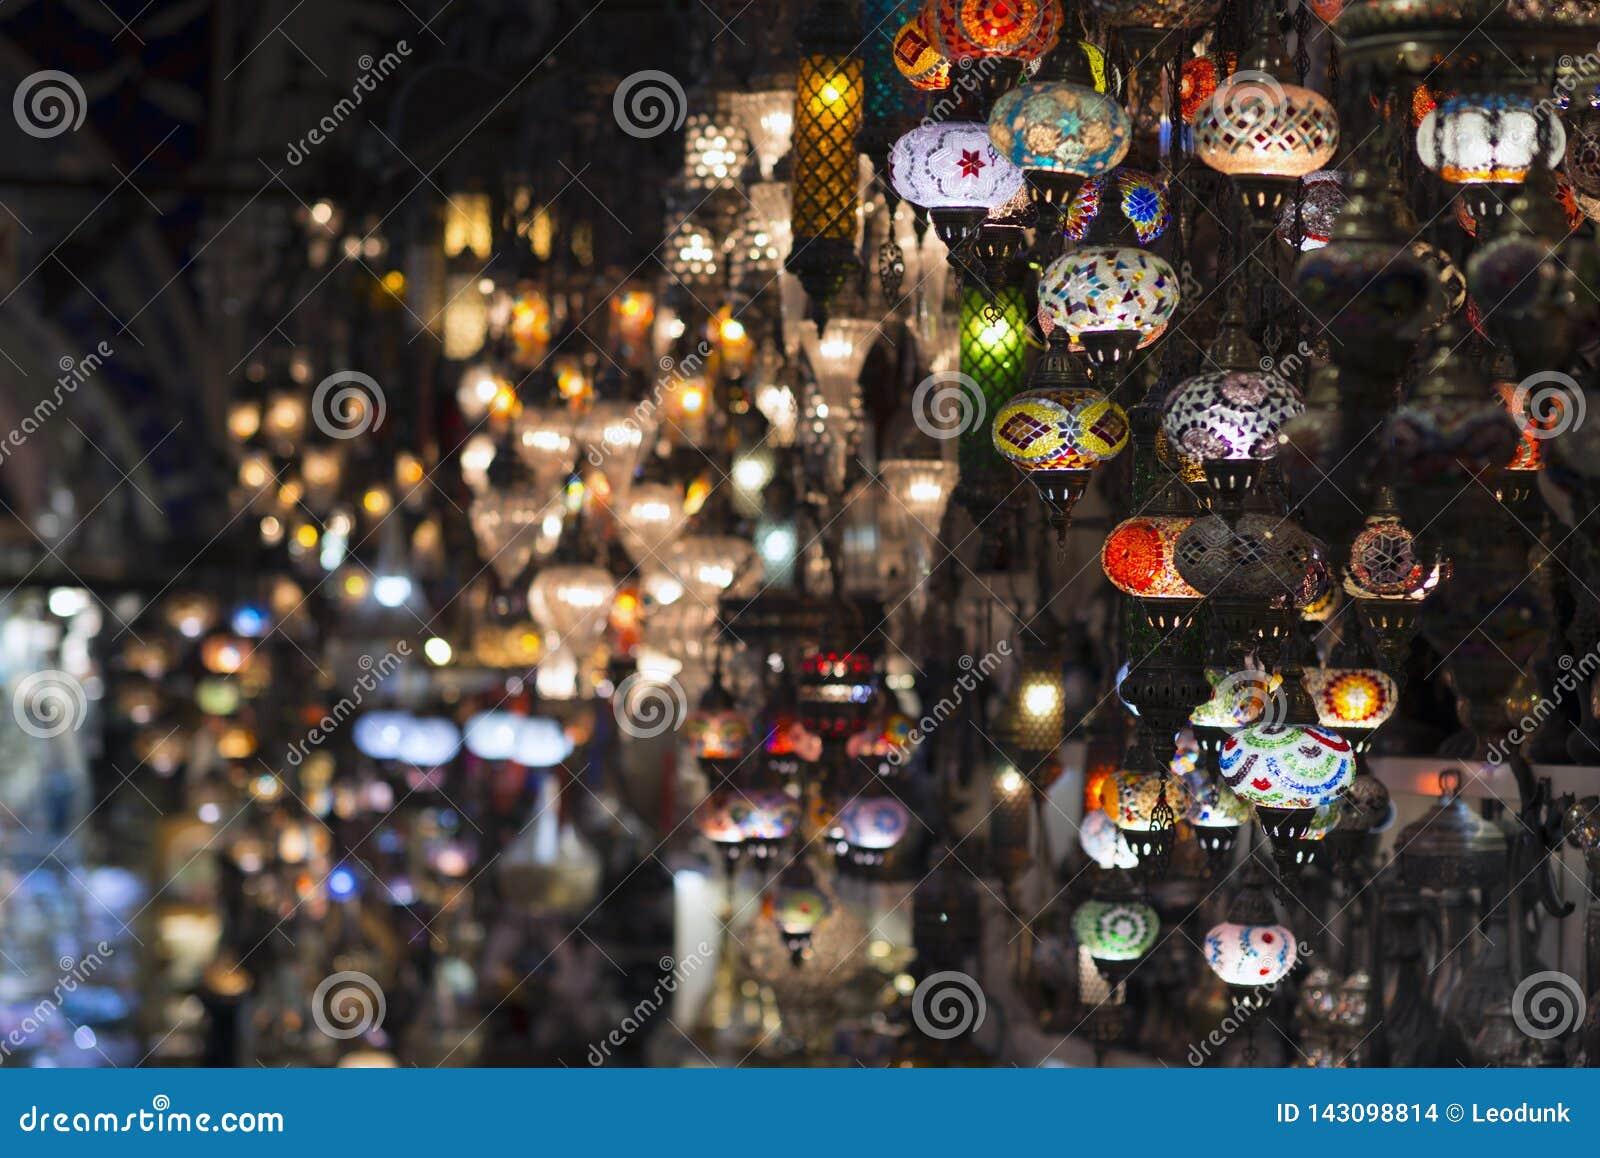 Der großartige Basar, einer des ältesten Einkaufszentrums in der Geschichte Dieser Markt ist in Istanbul, die Türkei